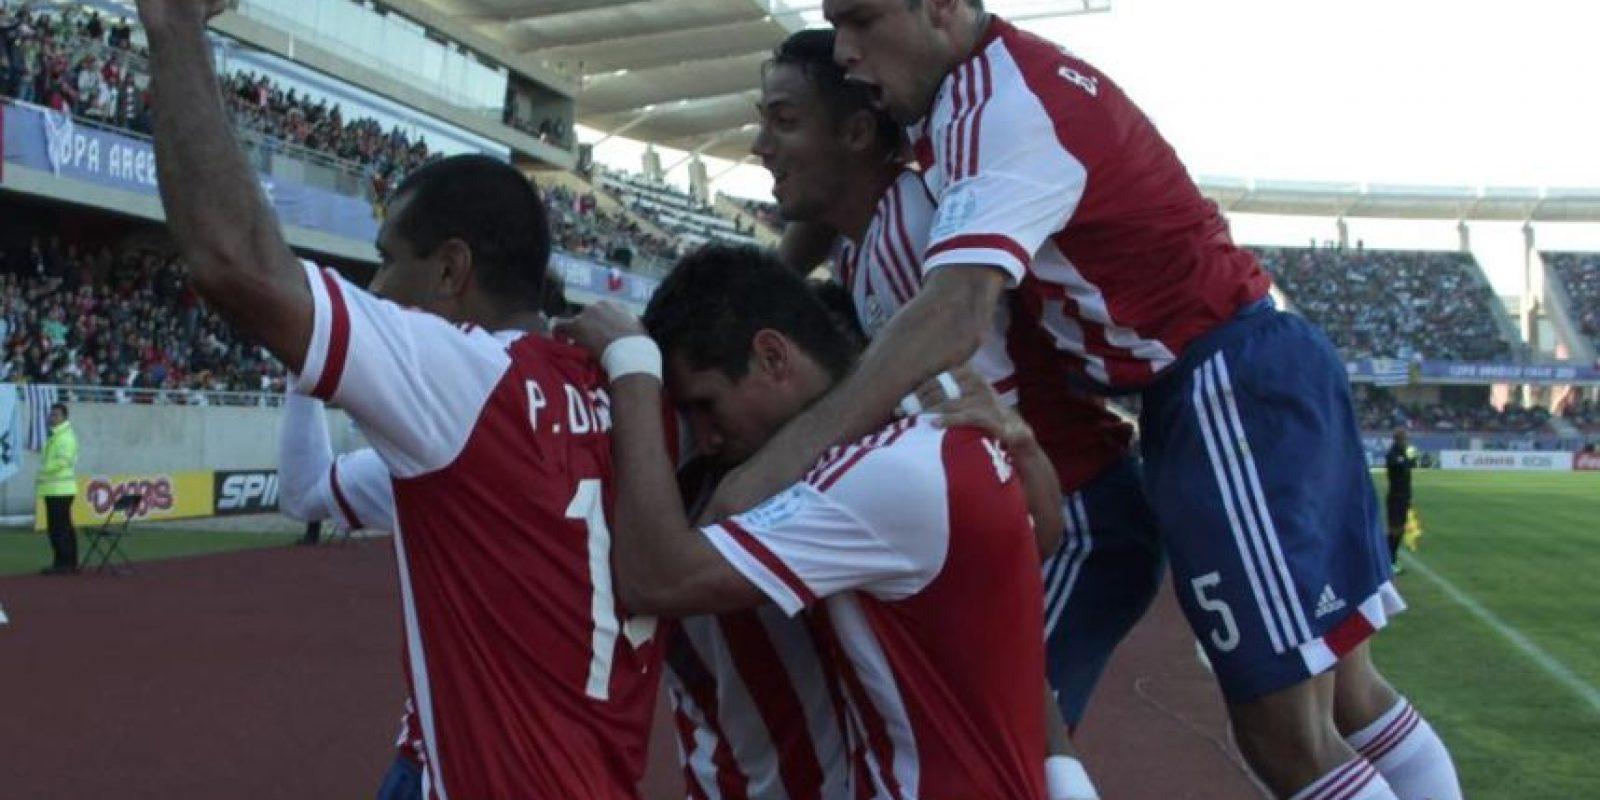 Terminaron invictos la fase de grupos con cuatro goles a favor y tres en contra. Foto:Vía facebook.com/AlbirrojaPrensa